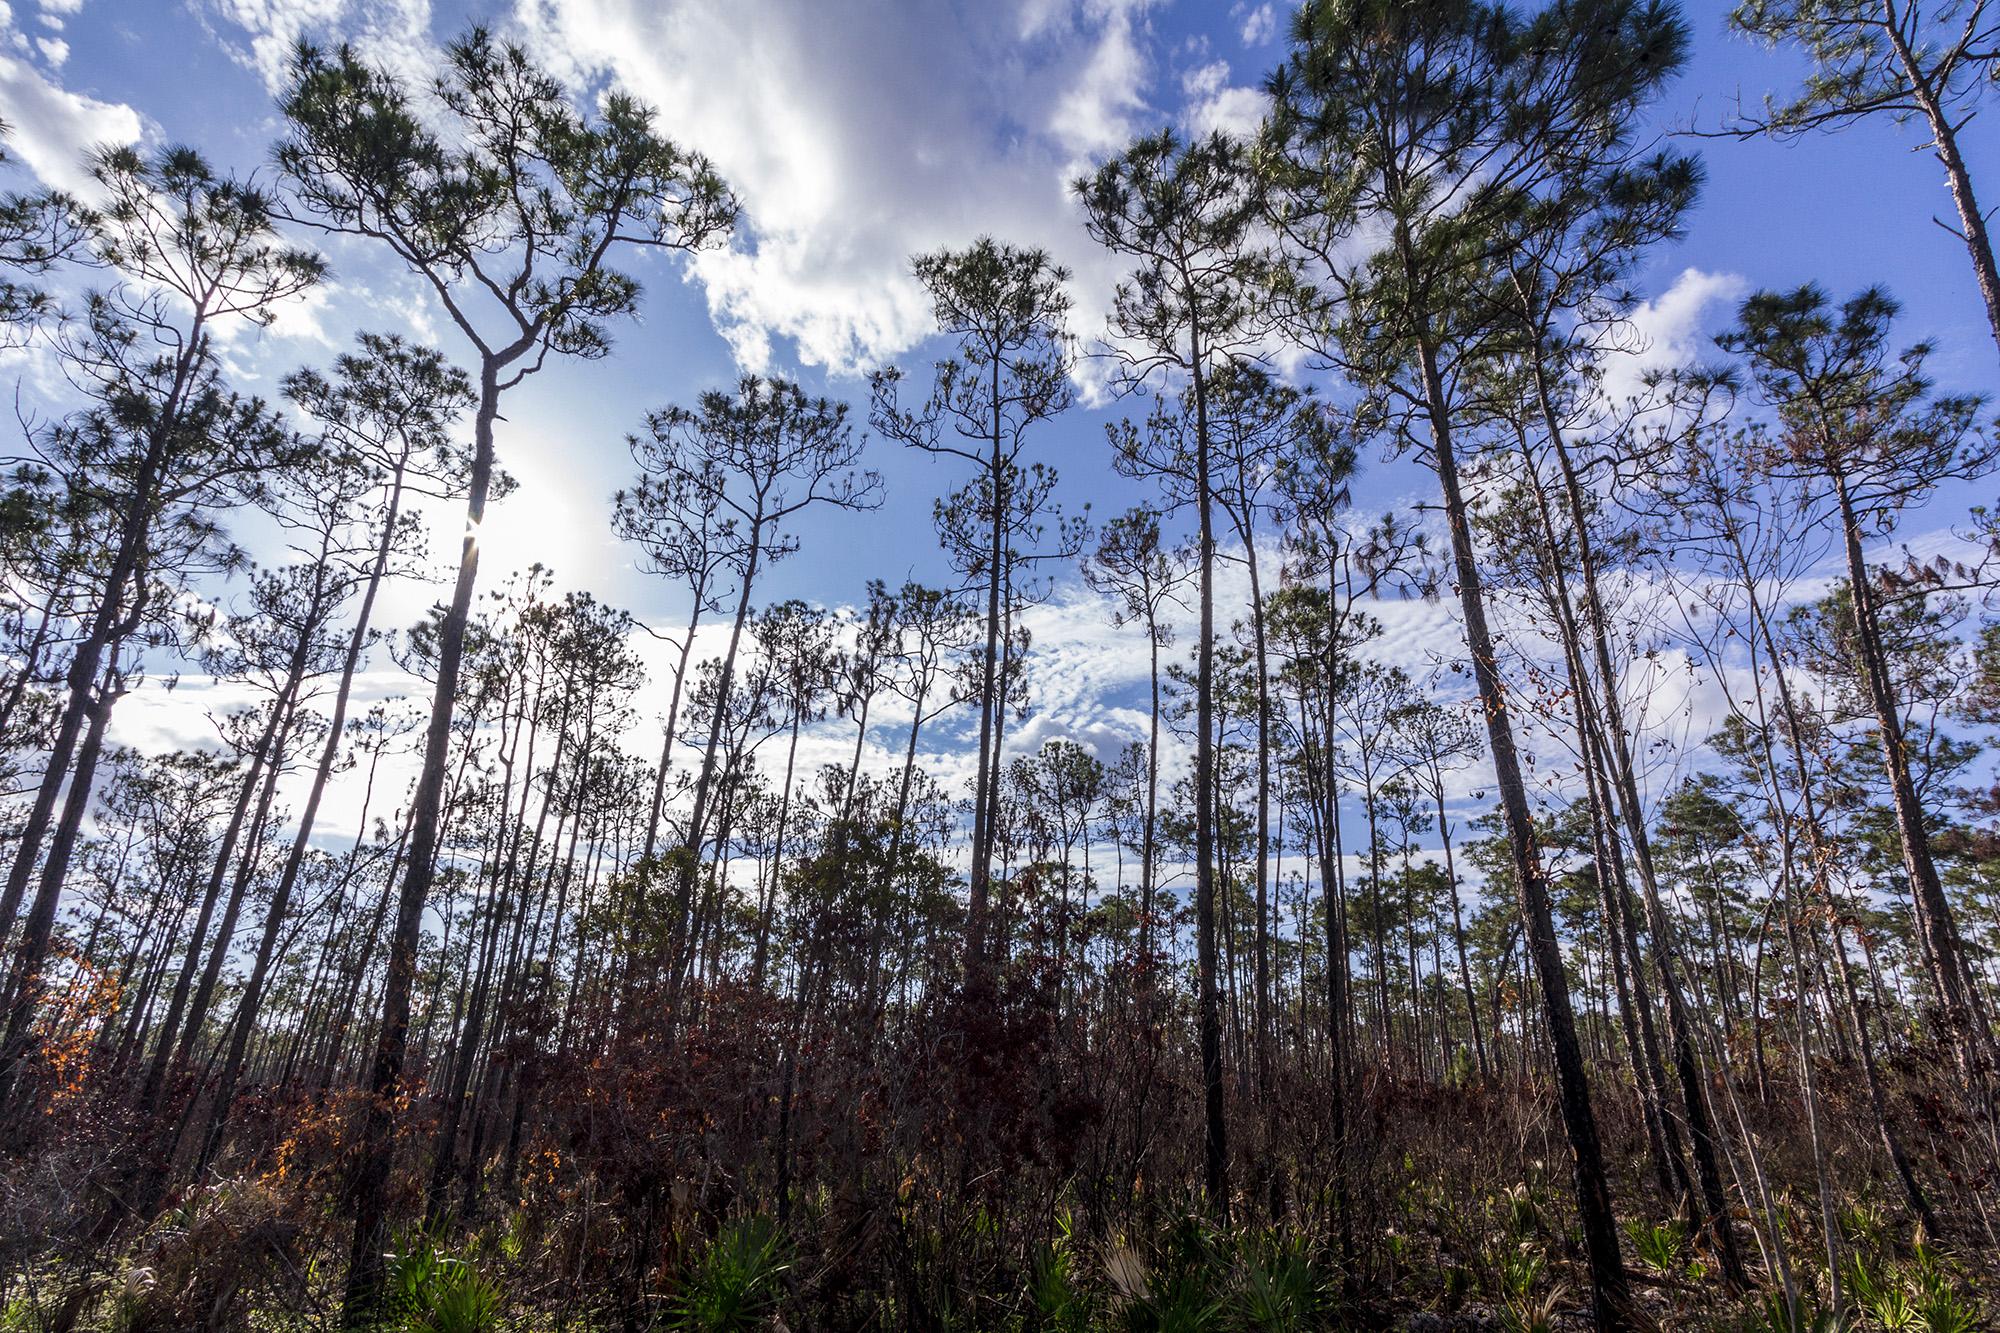 Long Pine Key au parc des Everglades en Floride